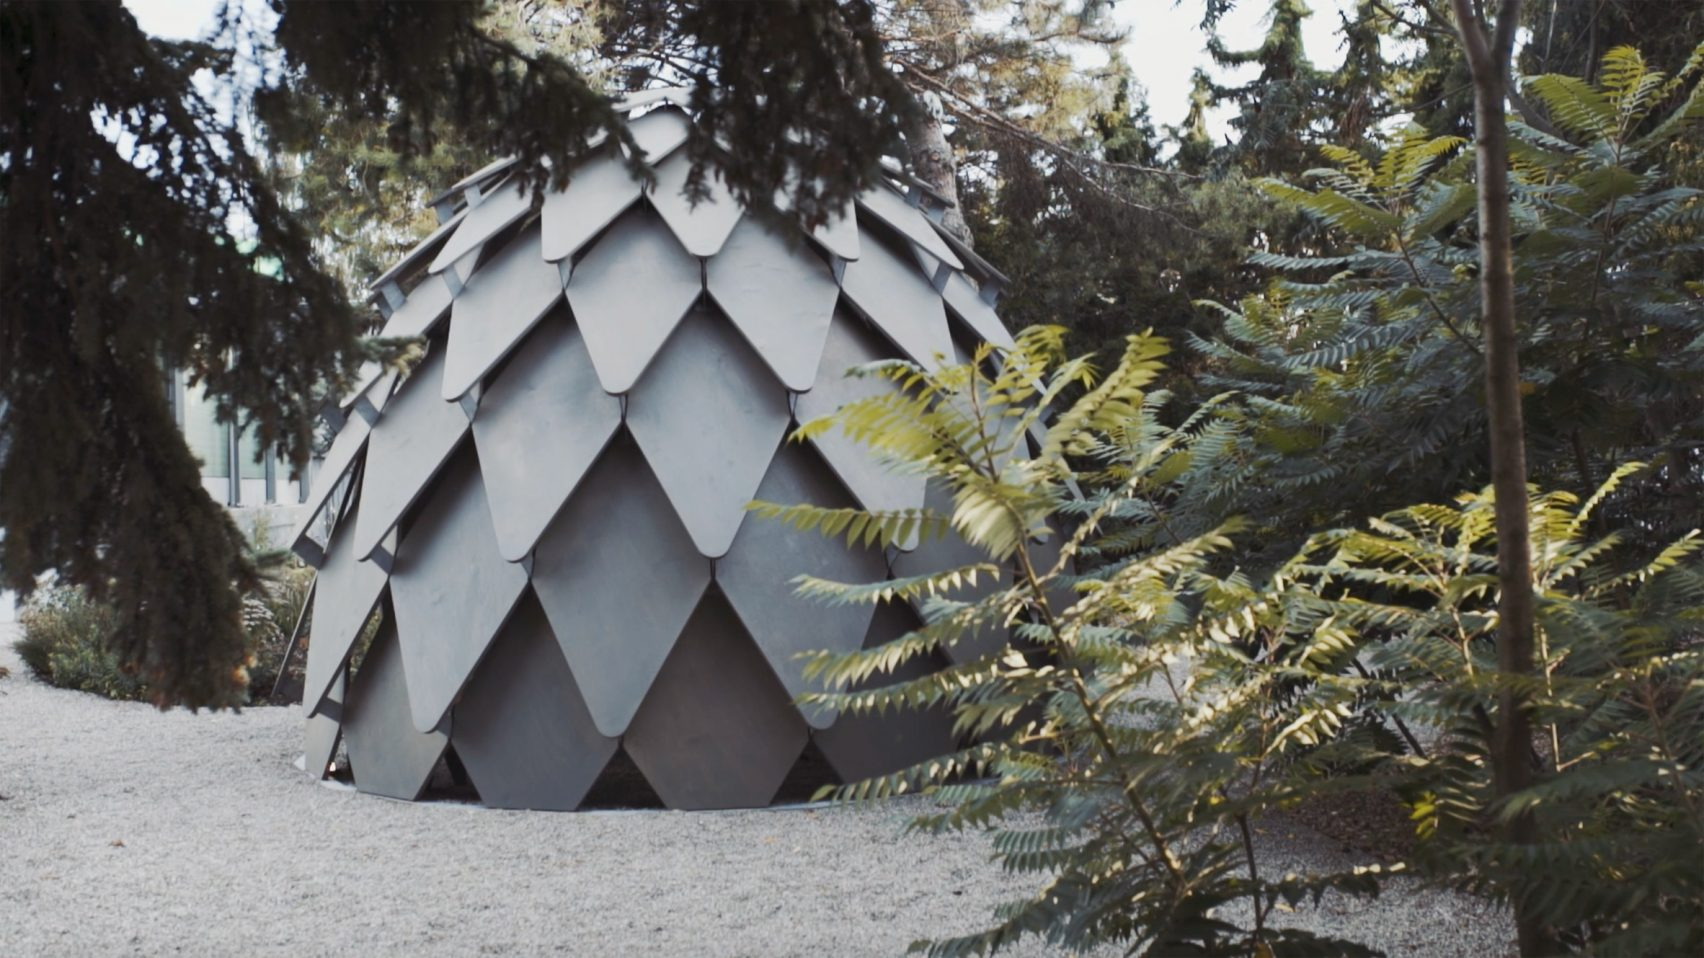 pinecone-mobile-gazebo-atelier-sad-noko-02.jpg